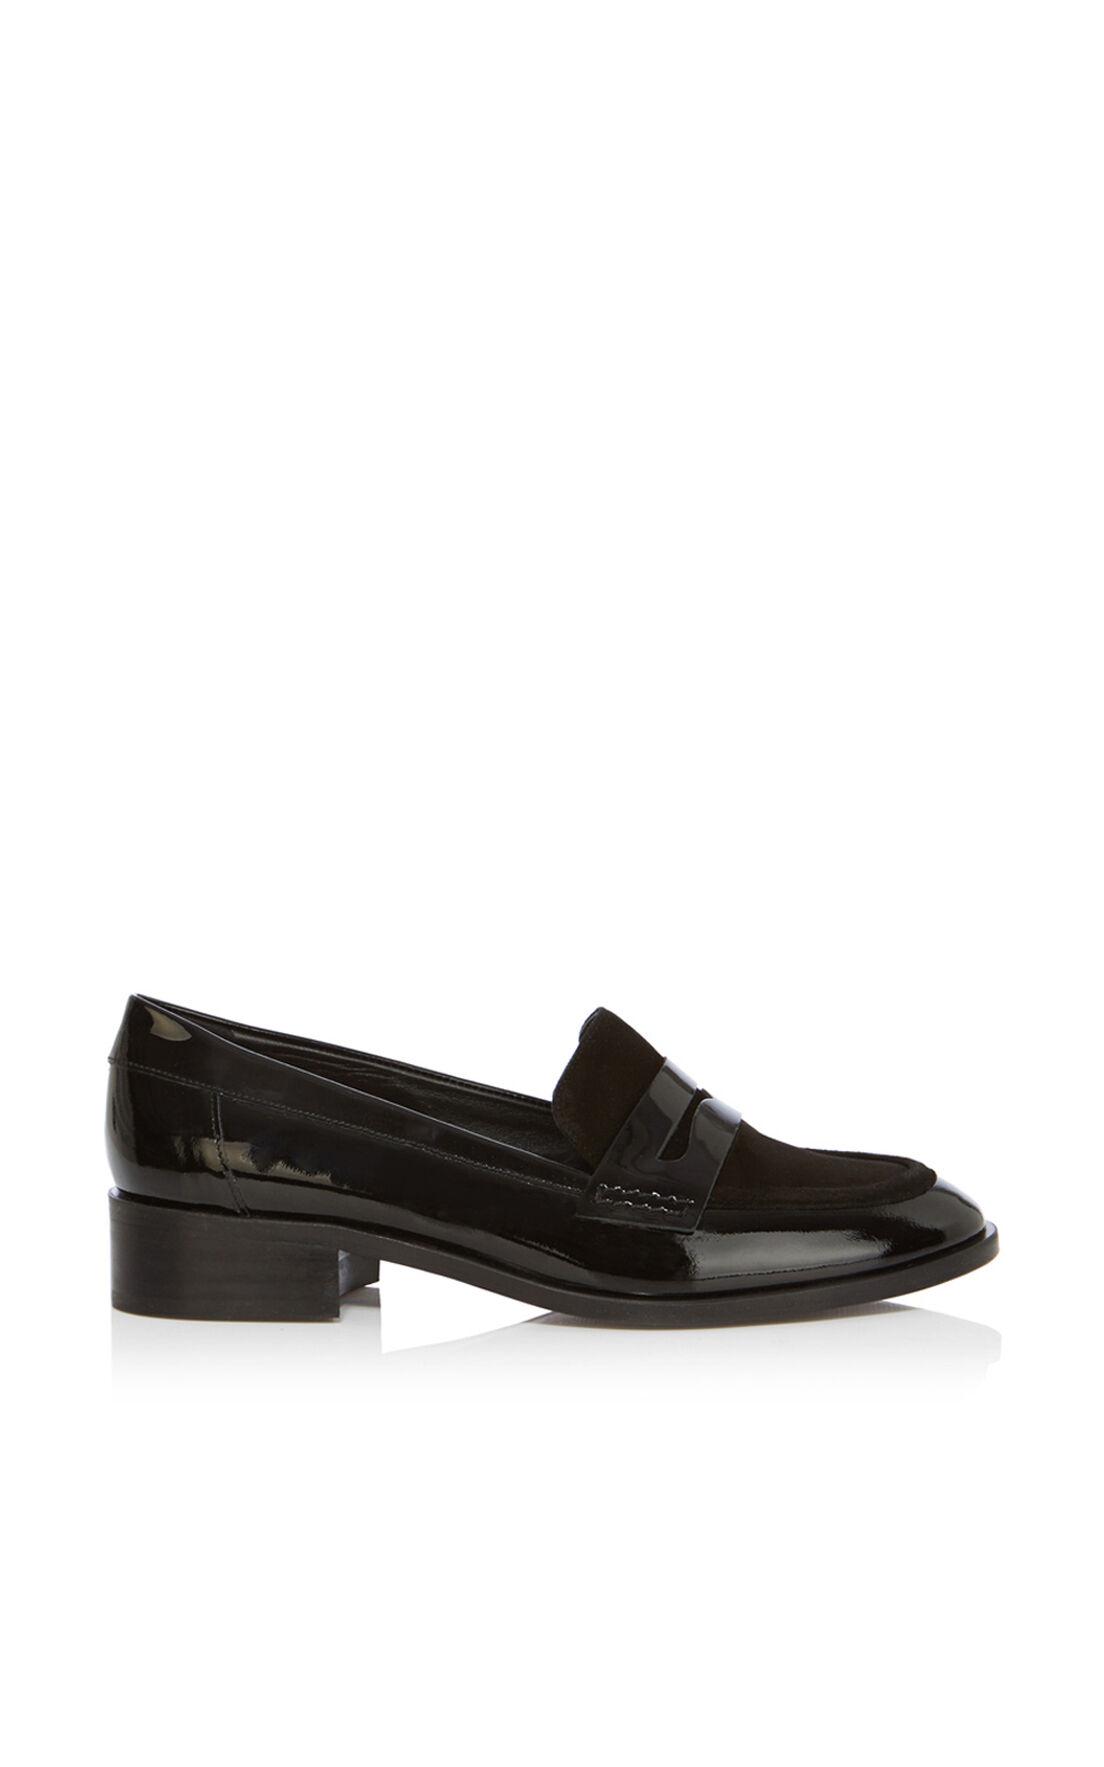 Karen Millen, Patent penny loafer Black 0